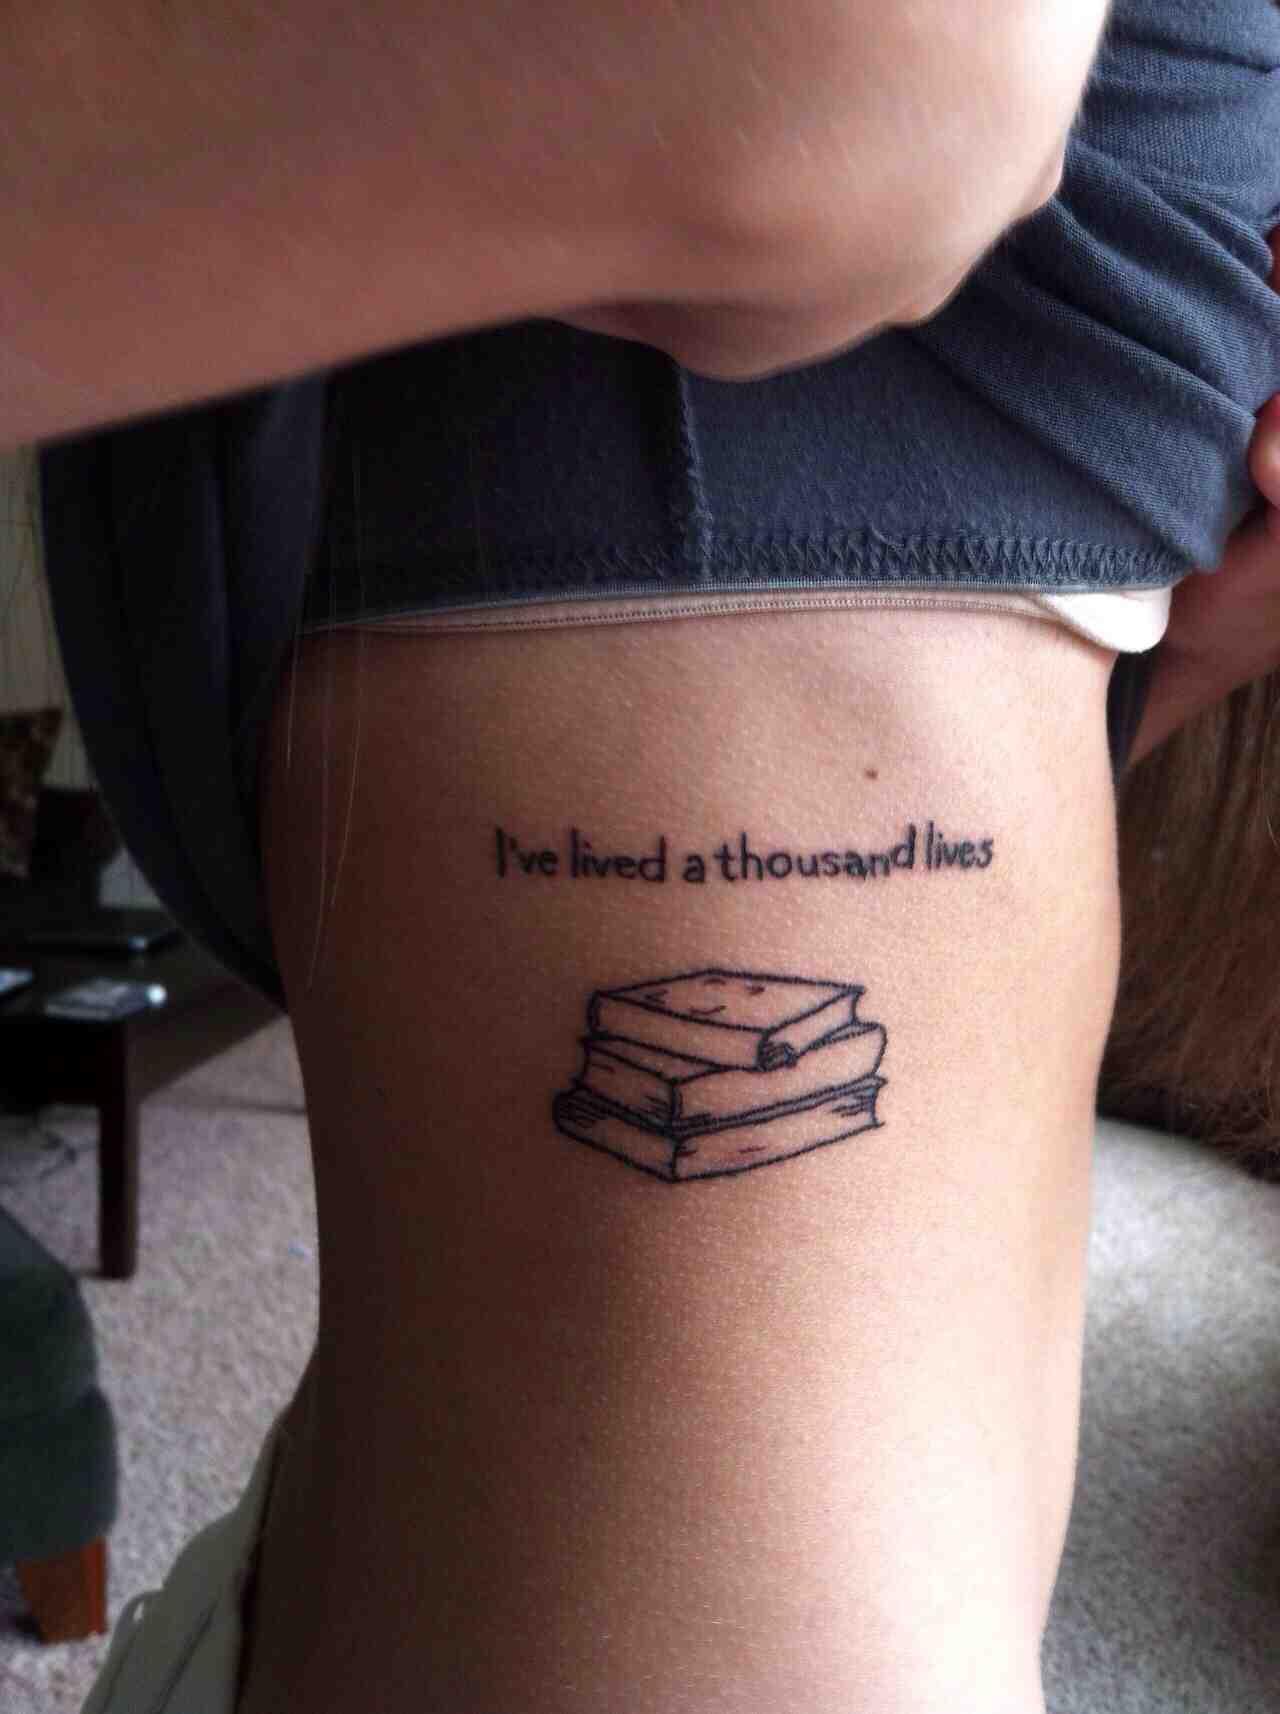 20 Frases Para Tatuajes Que Toda Mujer Va A Querer Hacerse - Frases-positivas-para-tatuajes